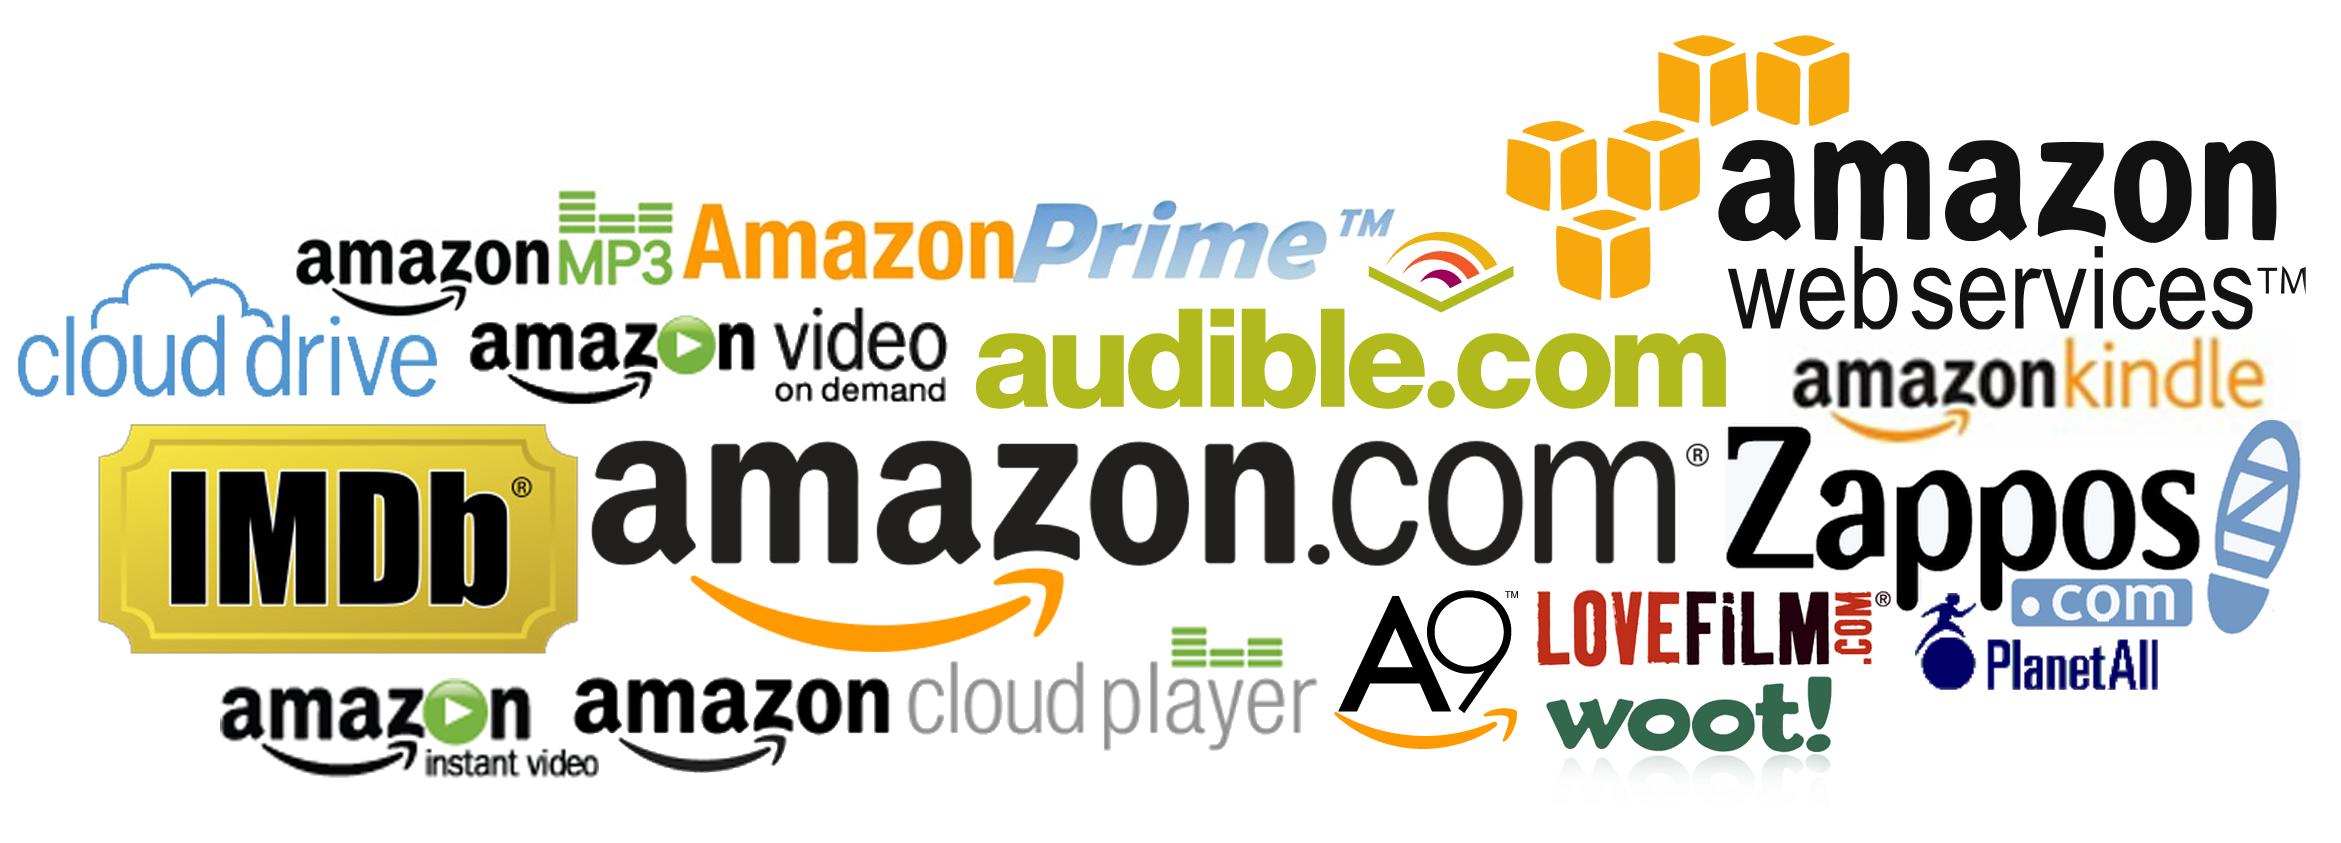 Como comprar en Amazon sin tarjeta